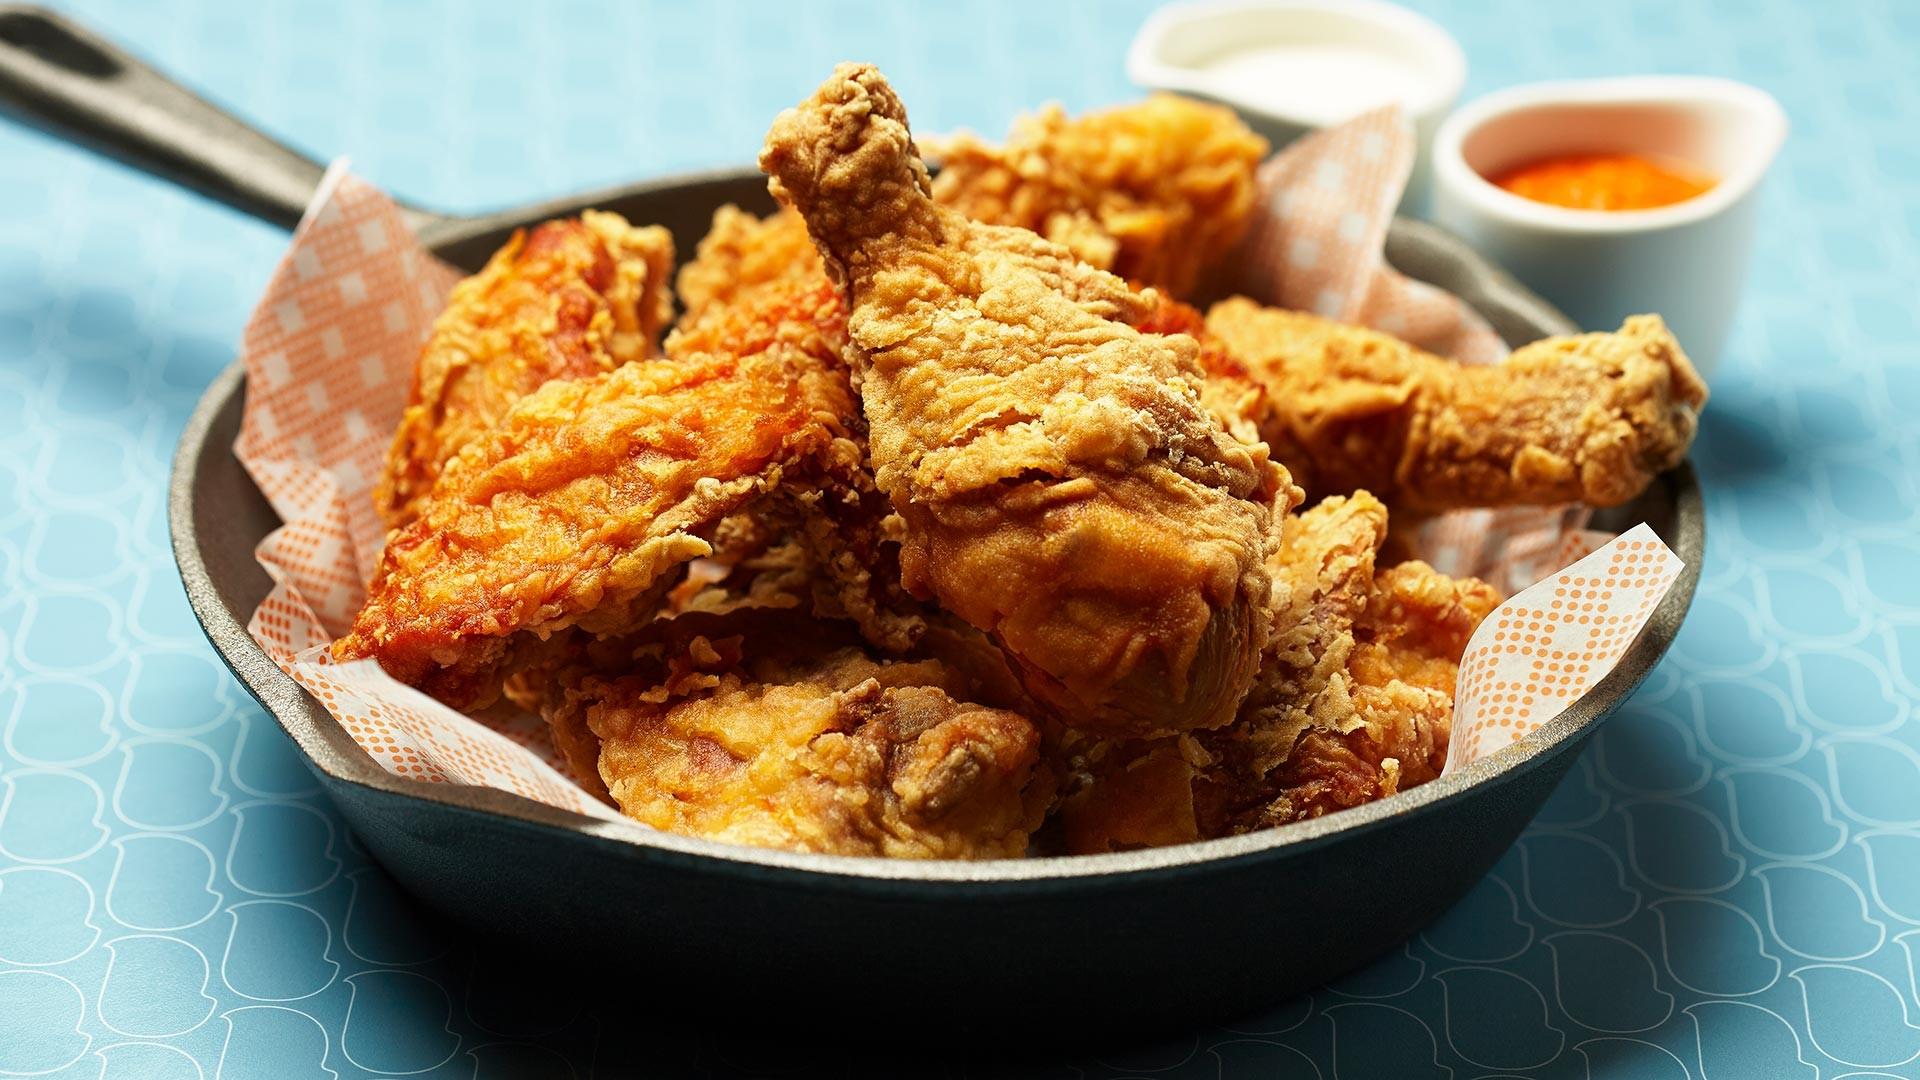 BIRD fried chicken